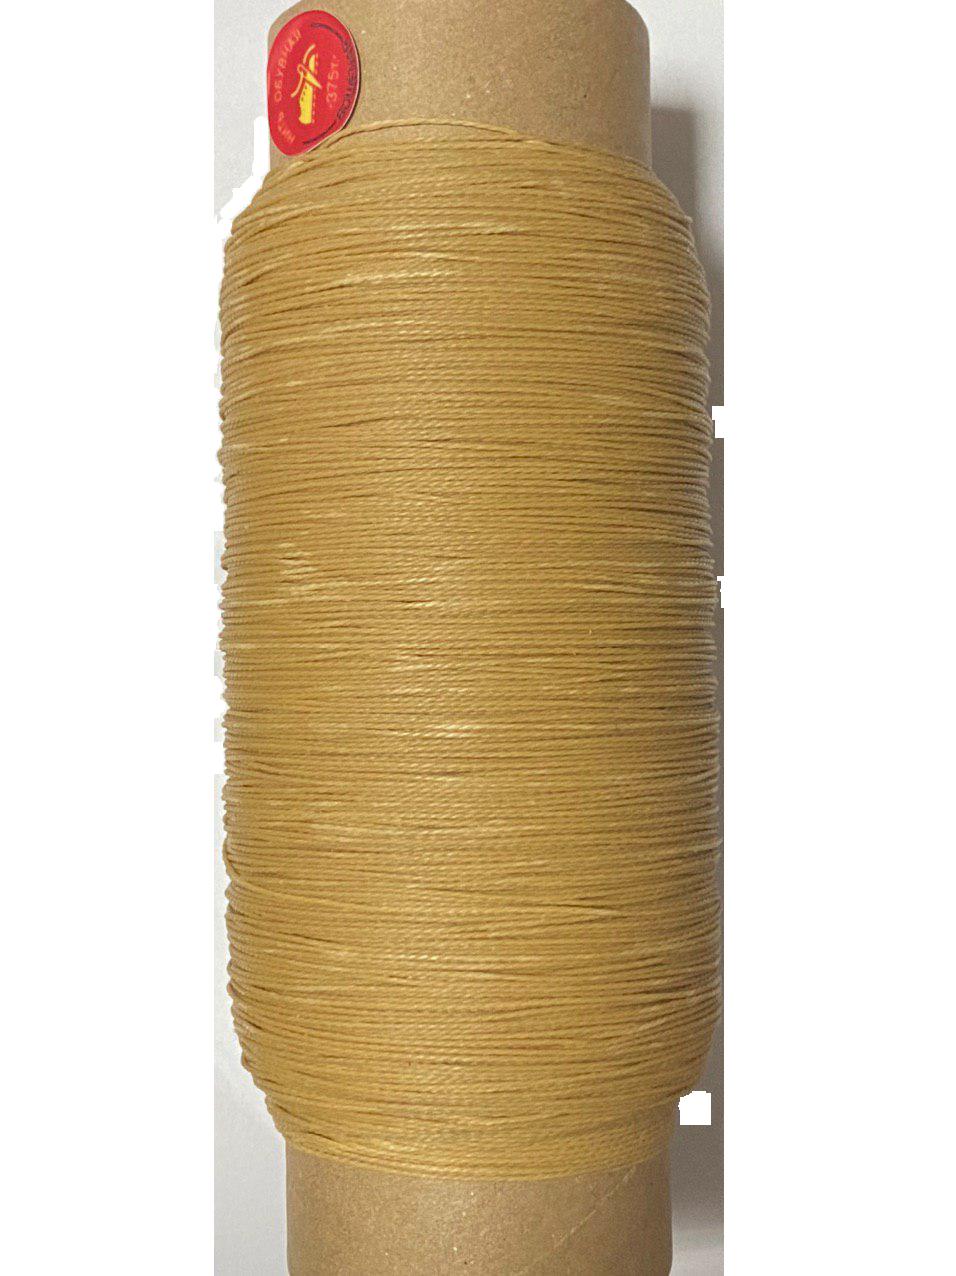 Нить обувная 500 метров светло коричневая вощеная, диаметр нити: 1,0мм